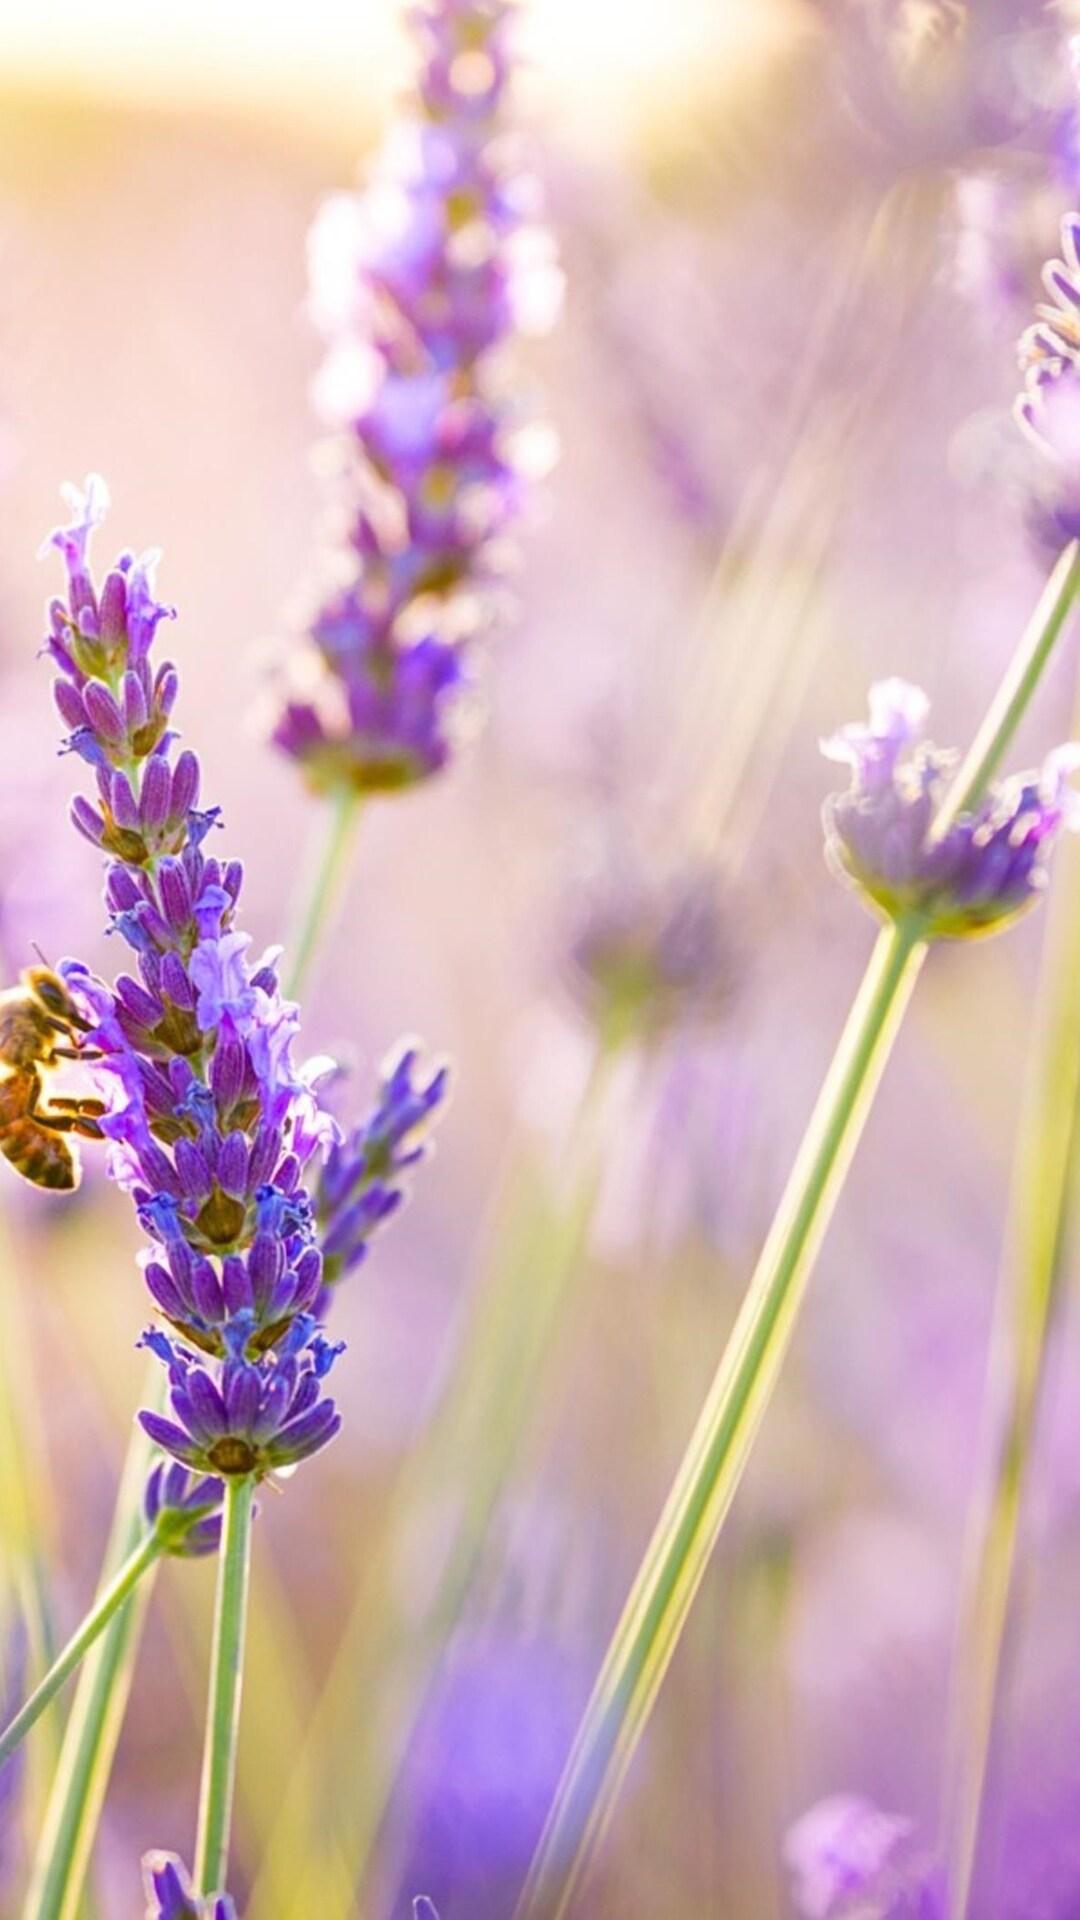 flowers-lavender.jpg